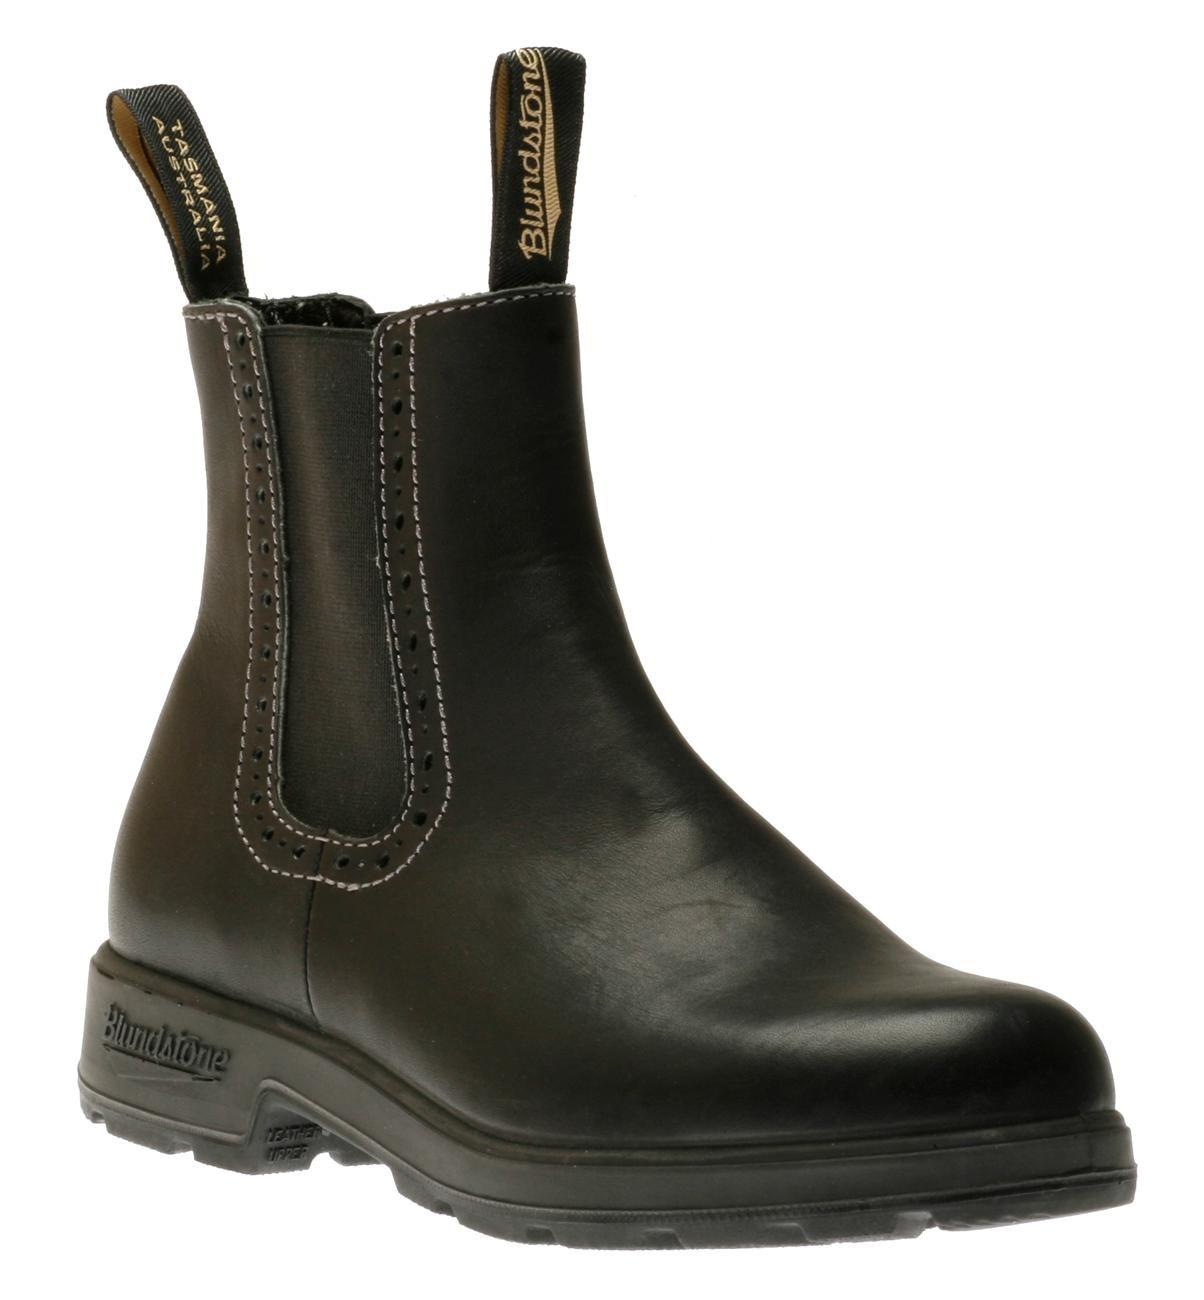 Blundstone Girlfriend Black 1448 Women's Boot Shoes | Walking On A Cloud